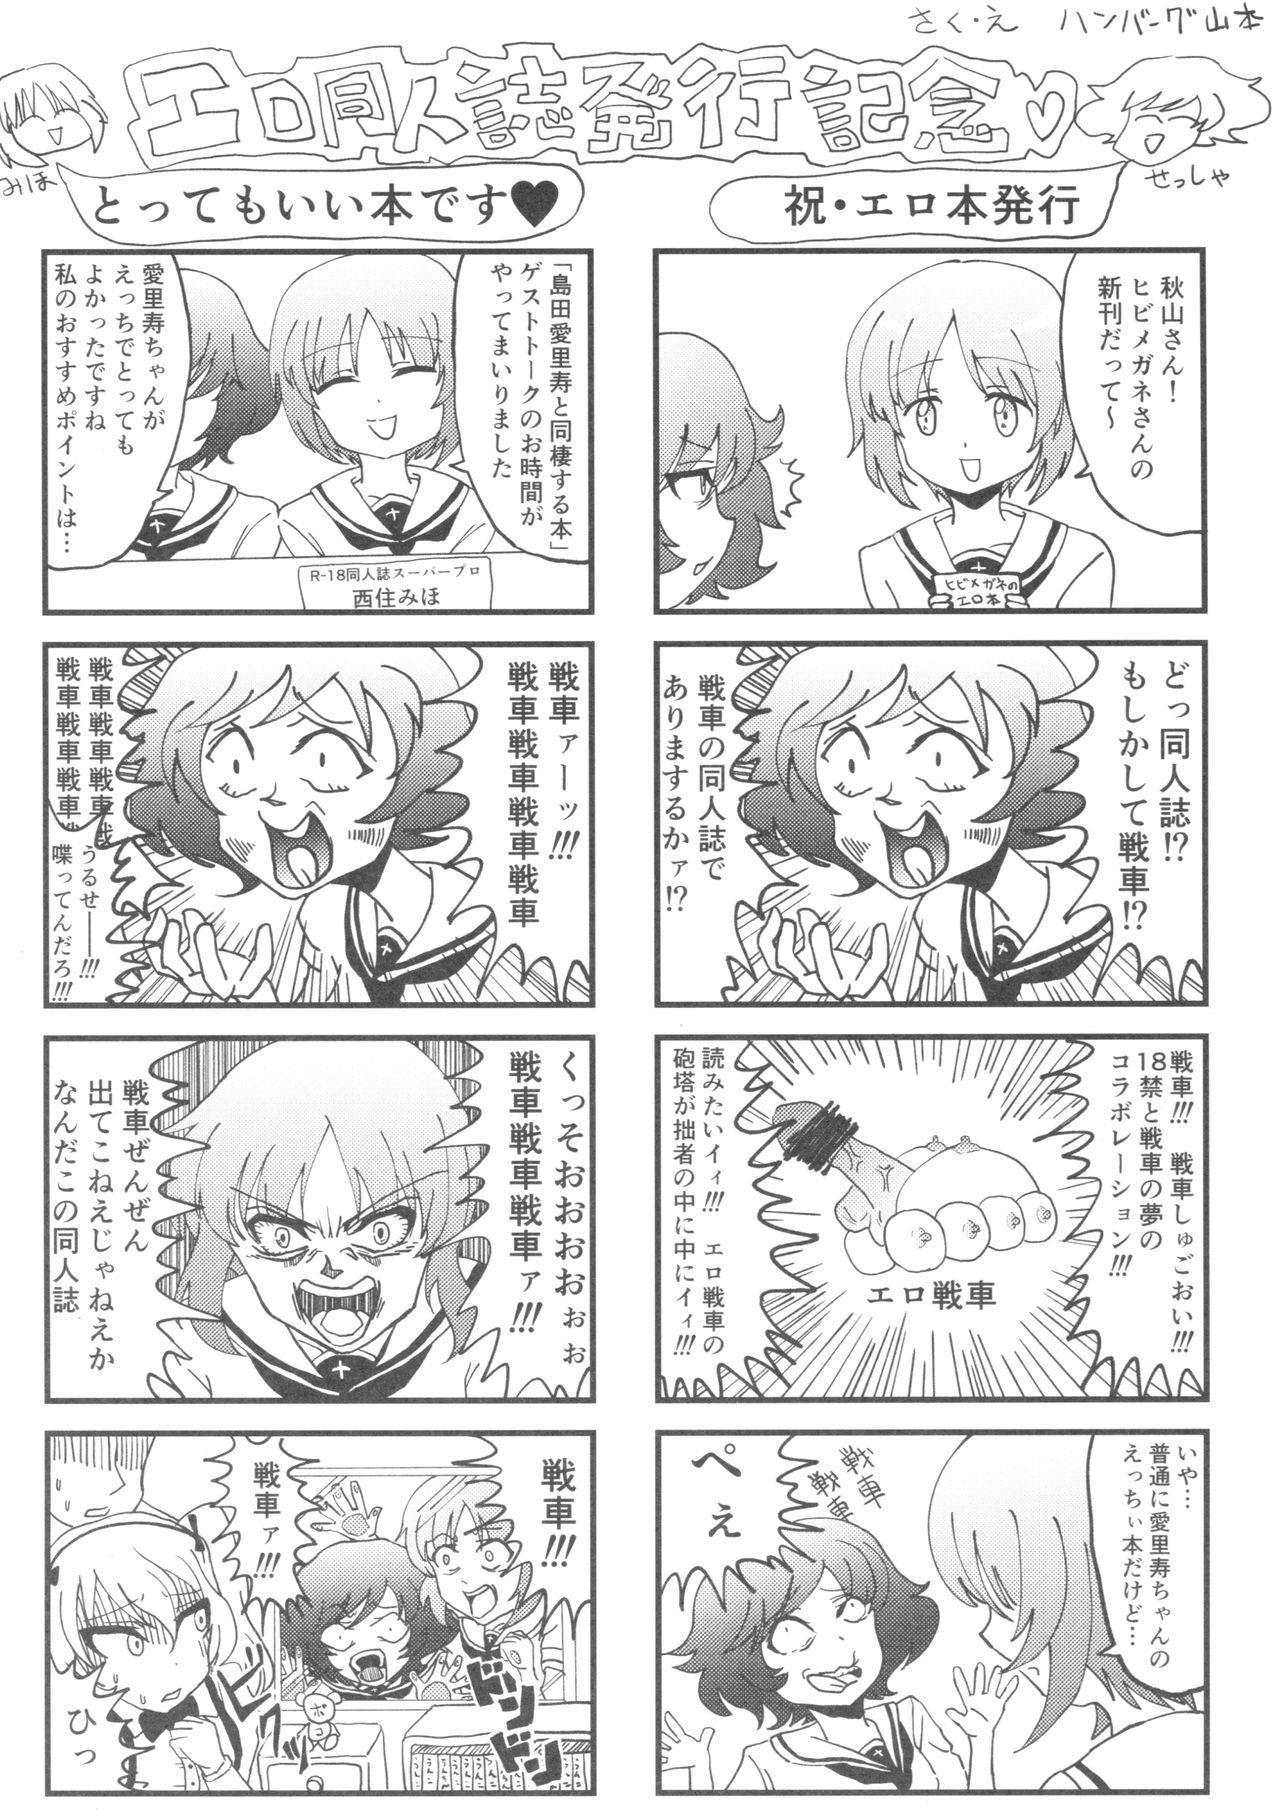 Shimada Arisu to Tappuri Amaama Ichaicha Love love Shite Chottodake Sex suru Atsui Hon 44